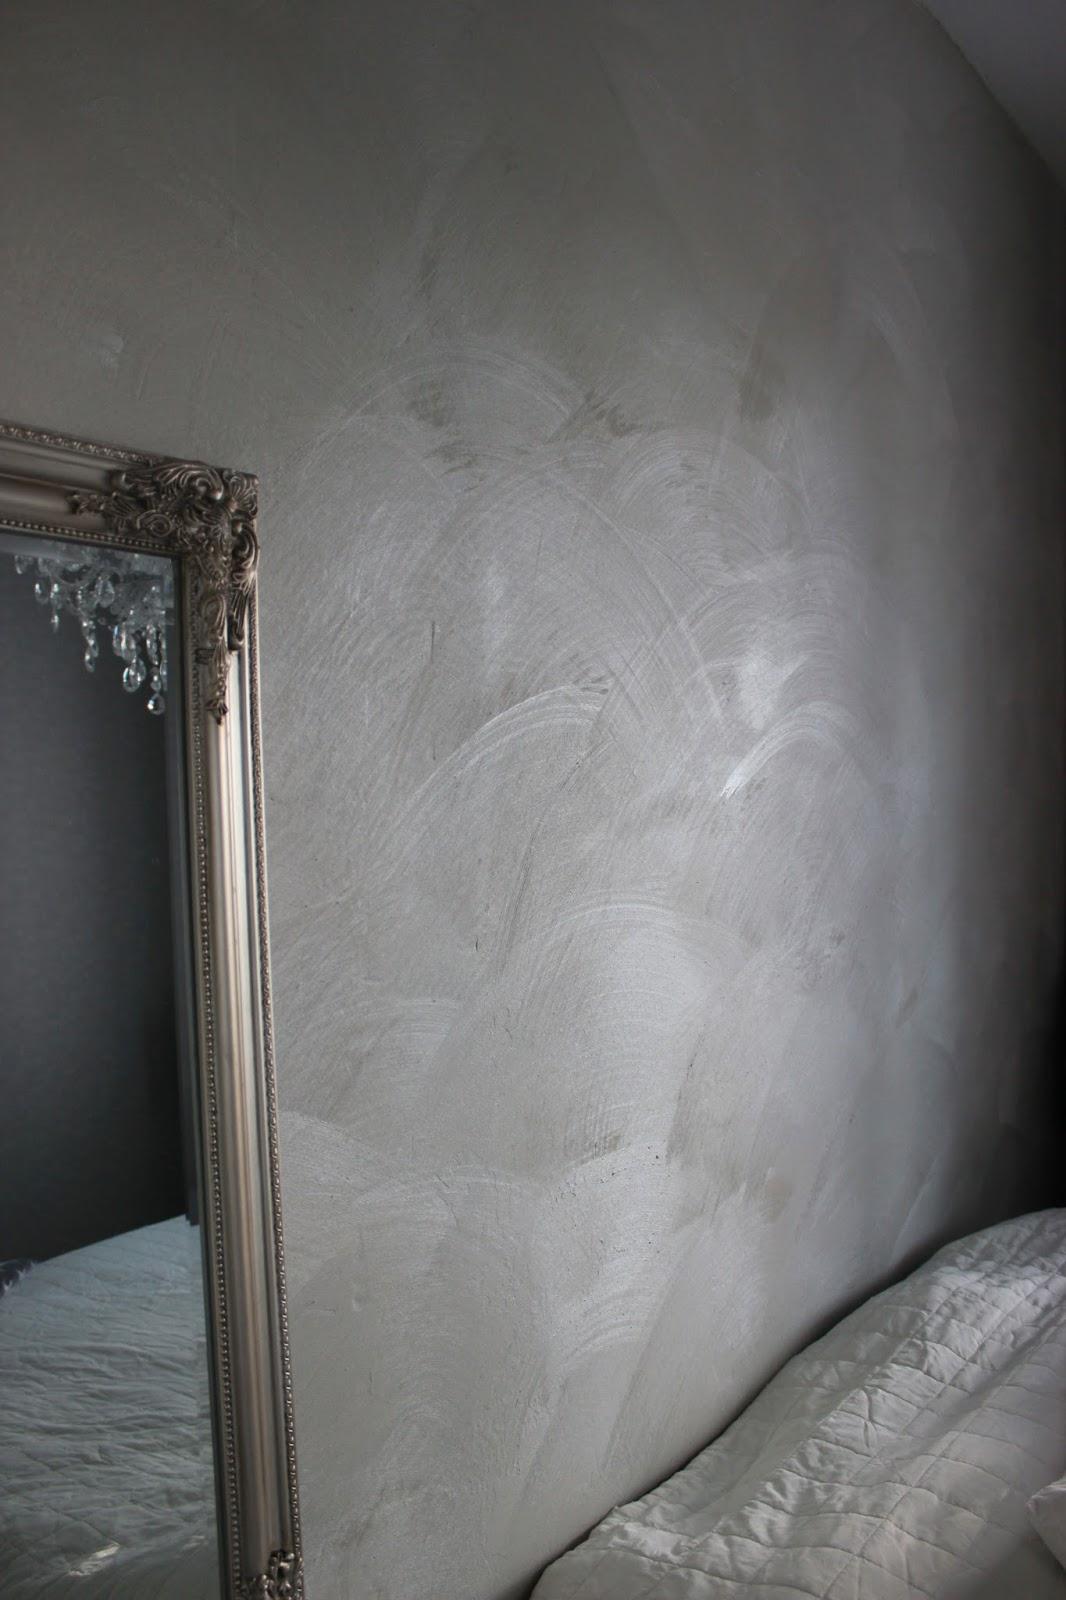 Seinän maalaus epätasainen jälki